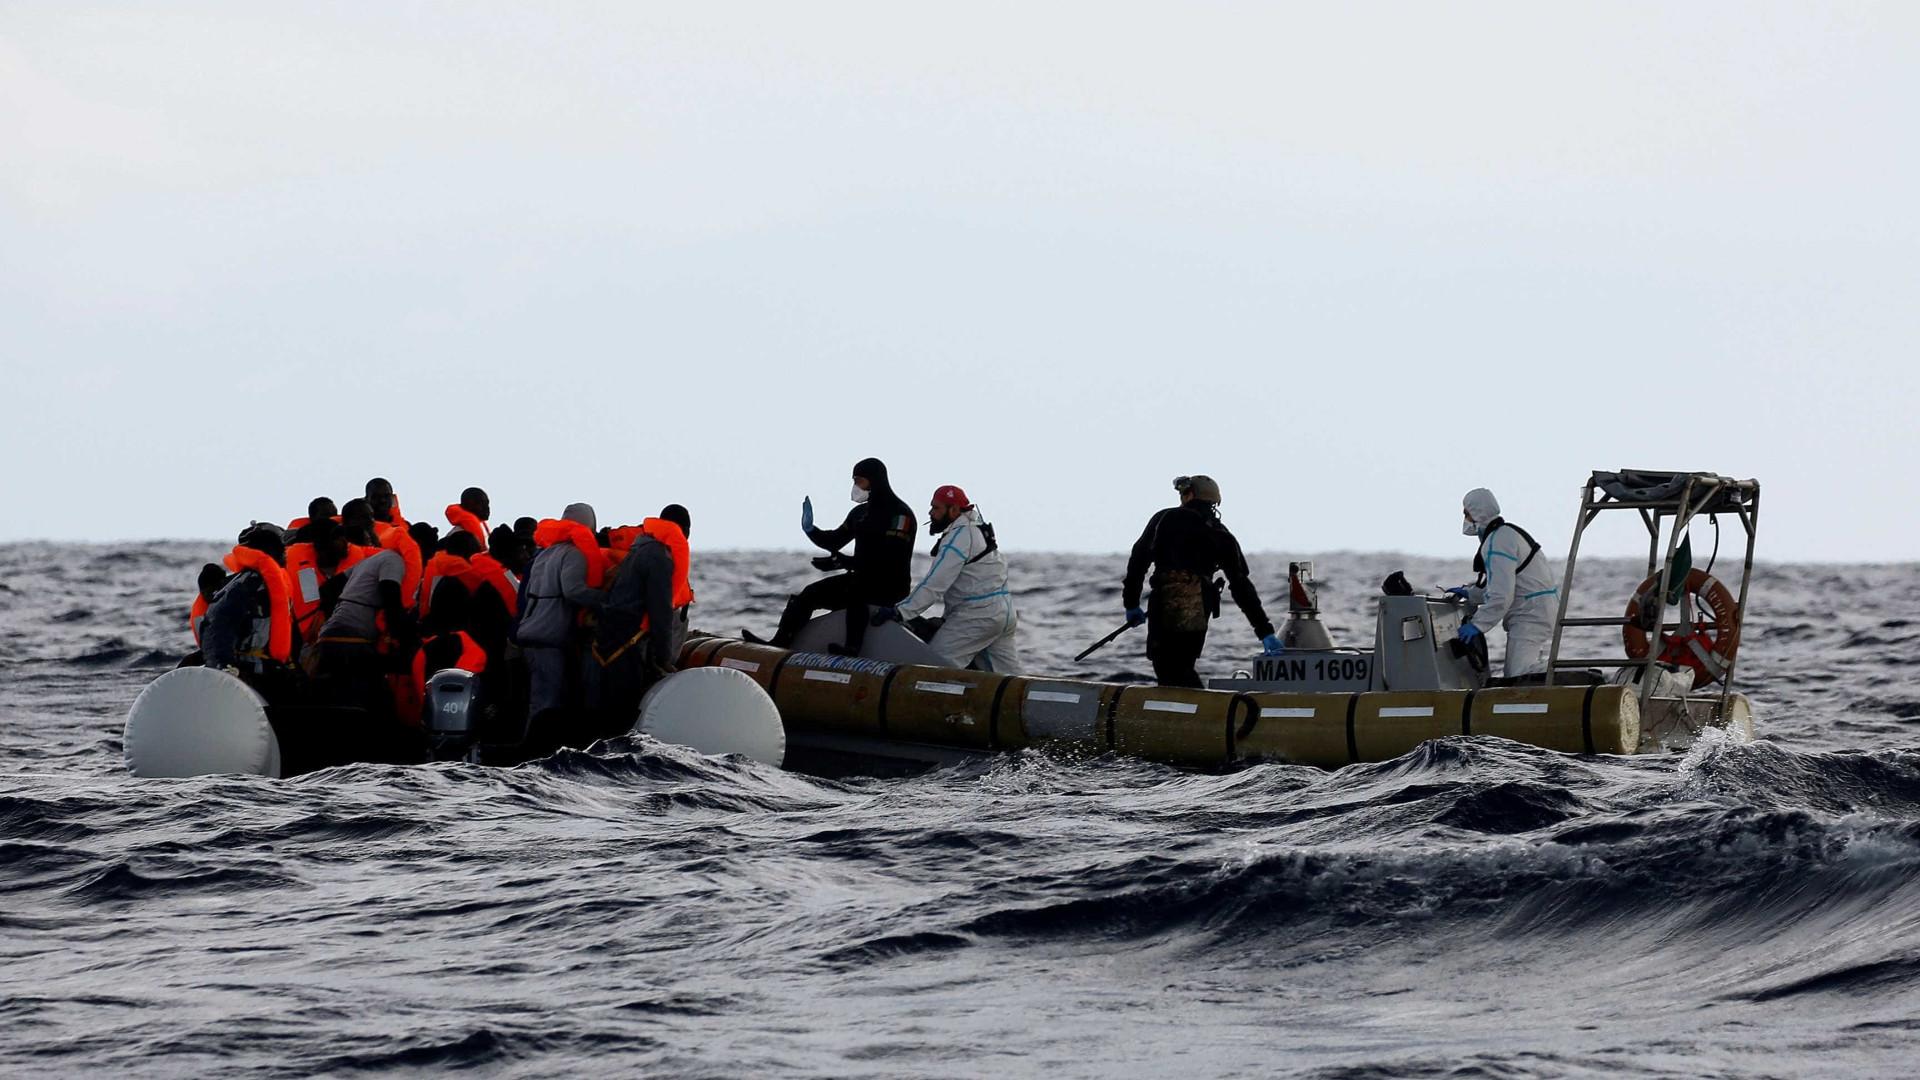 Polícia Marítima resgatou 70 pessoas no Mar Egeu